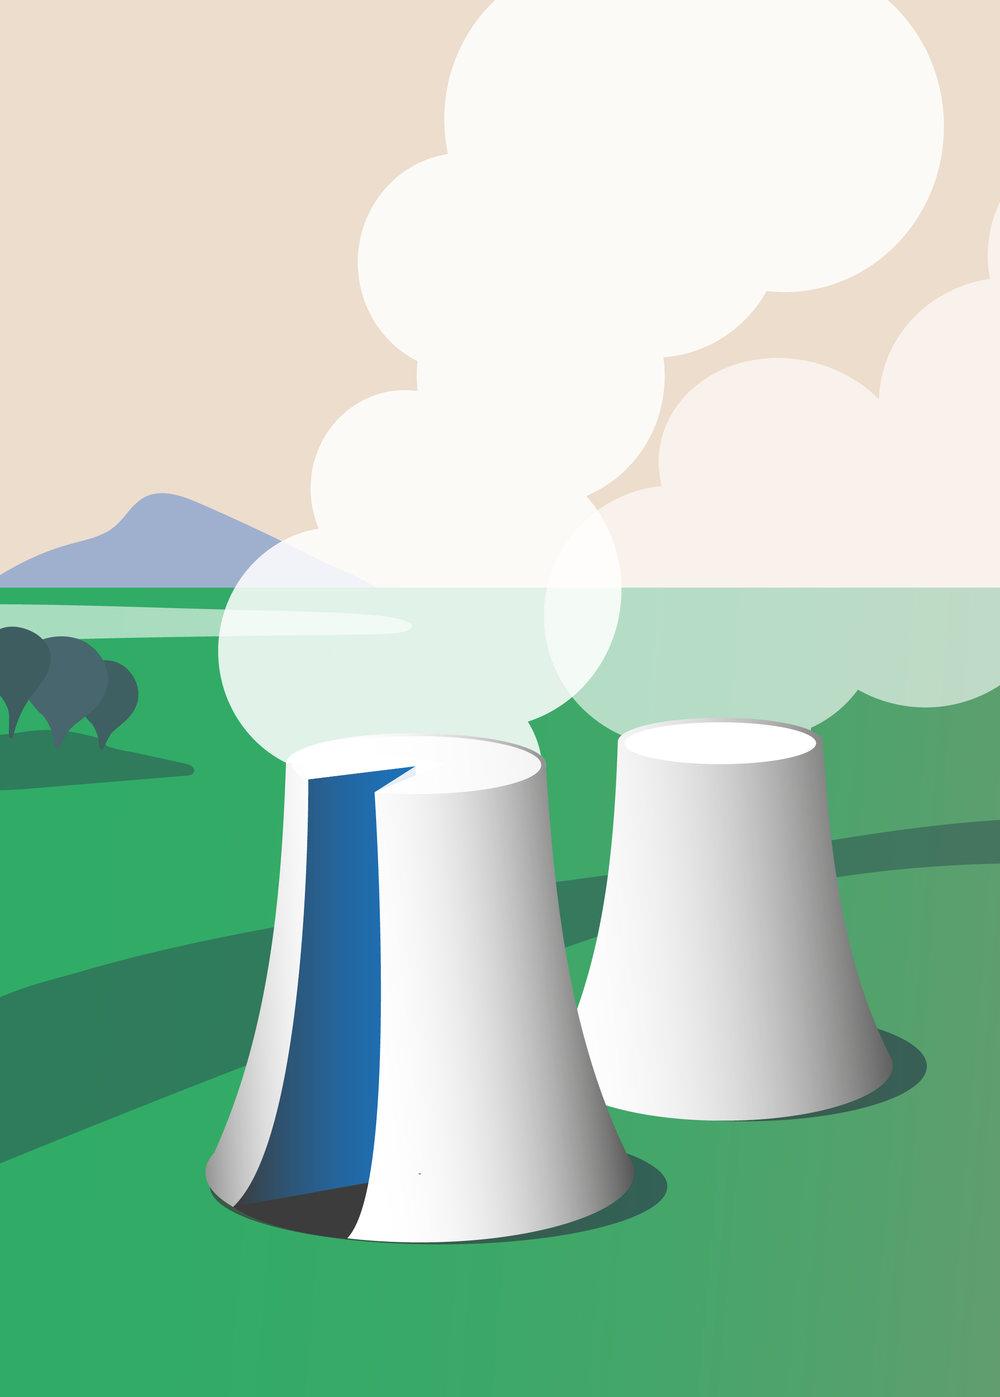 Trancher la question nucléaire